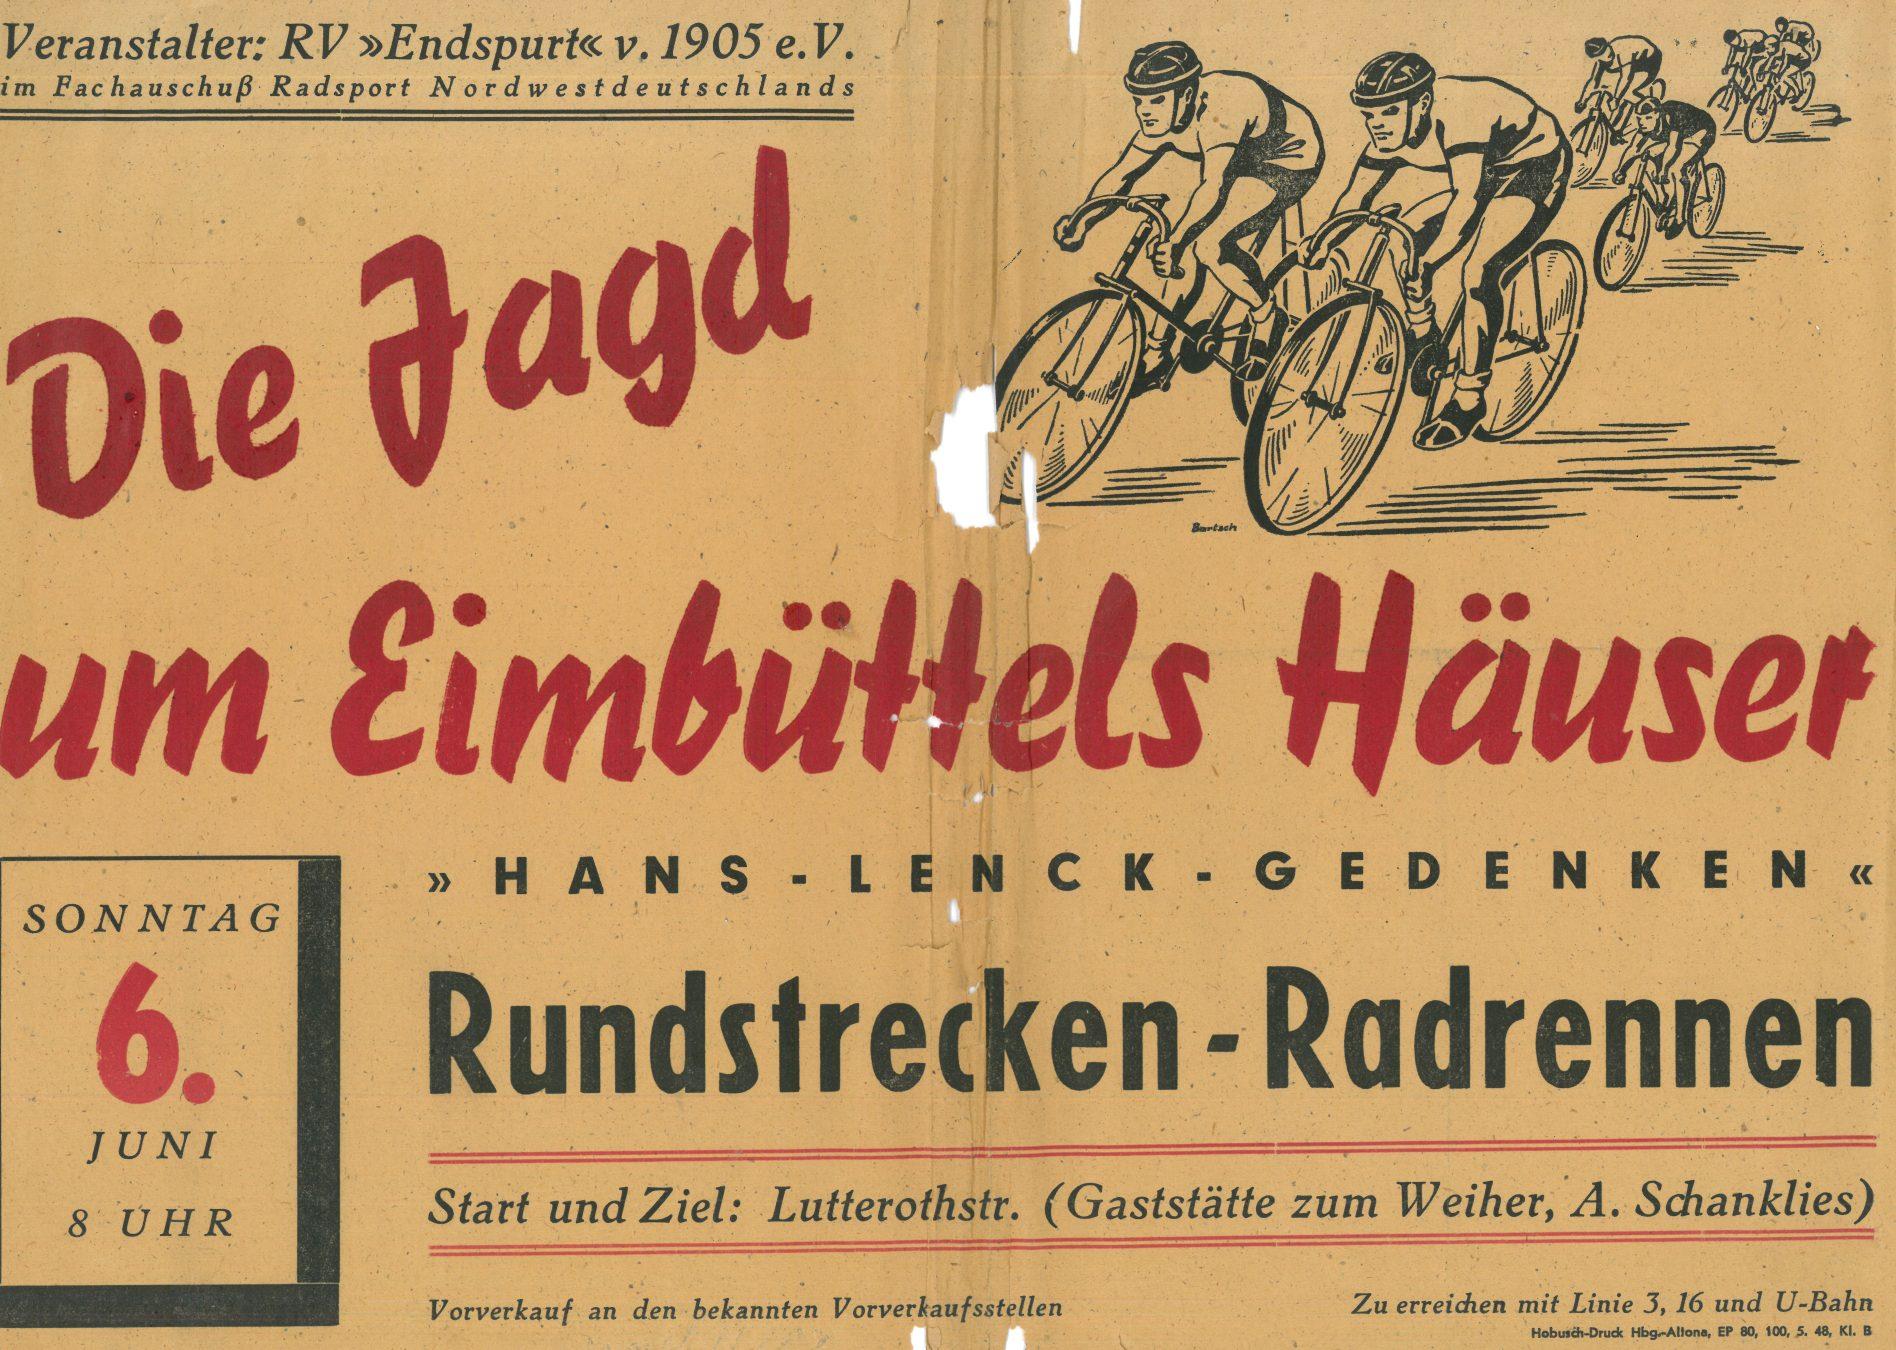 Radrennen.jpg (453 KB)